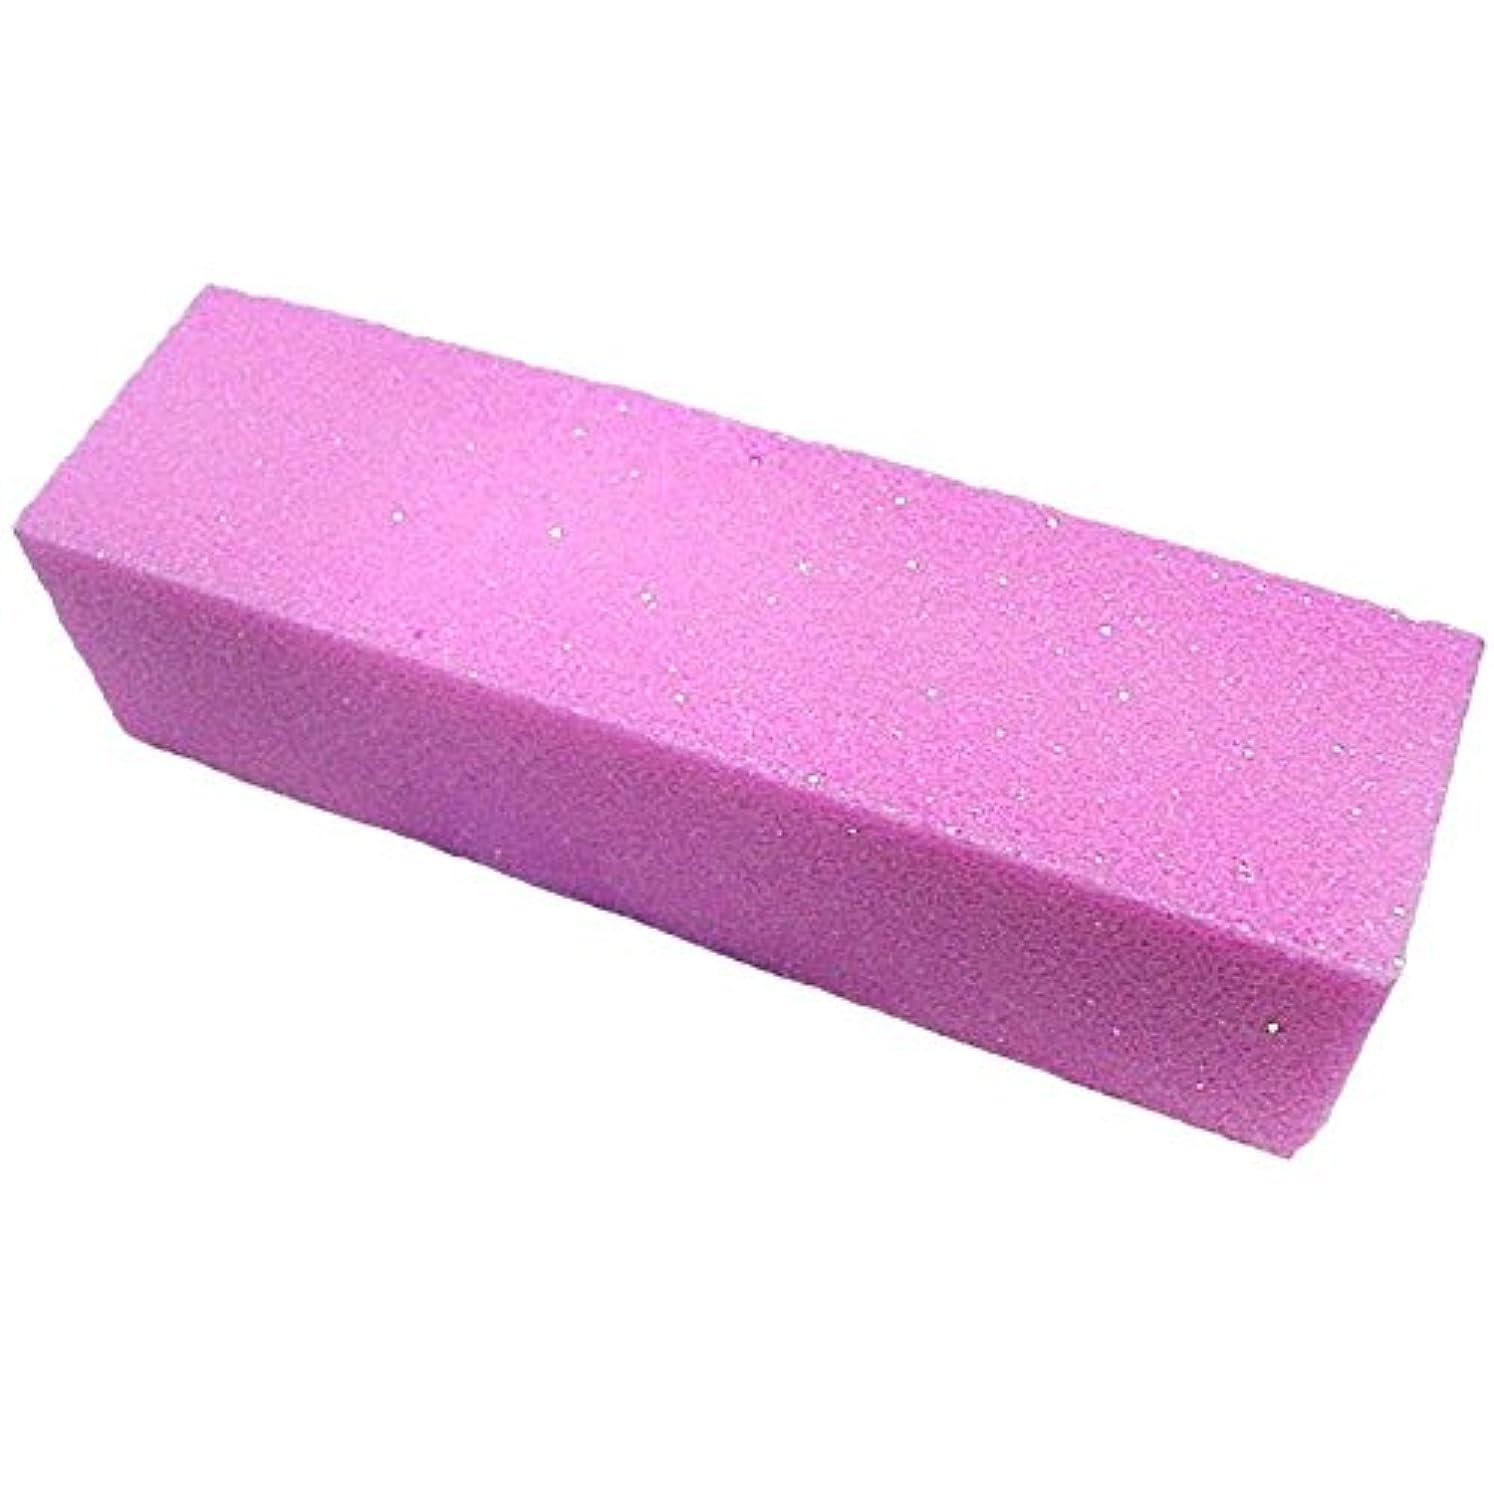 負車バラバラにするNrpfell 10xピンク色のバッファバフサンディングブロックファイル マニキュアペディキュア ネイルアートの為